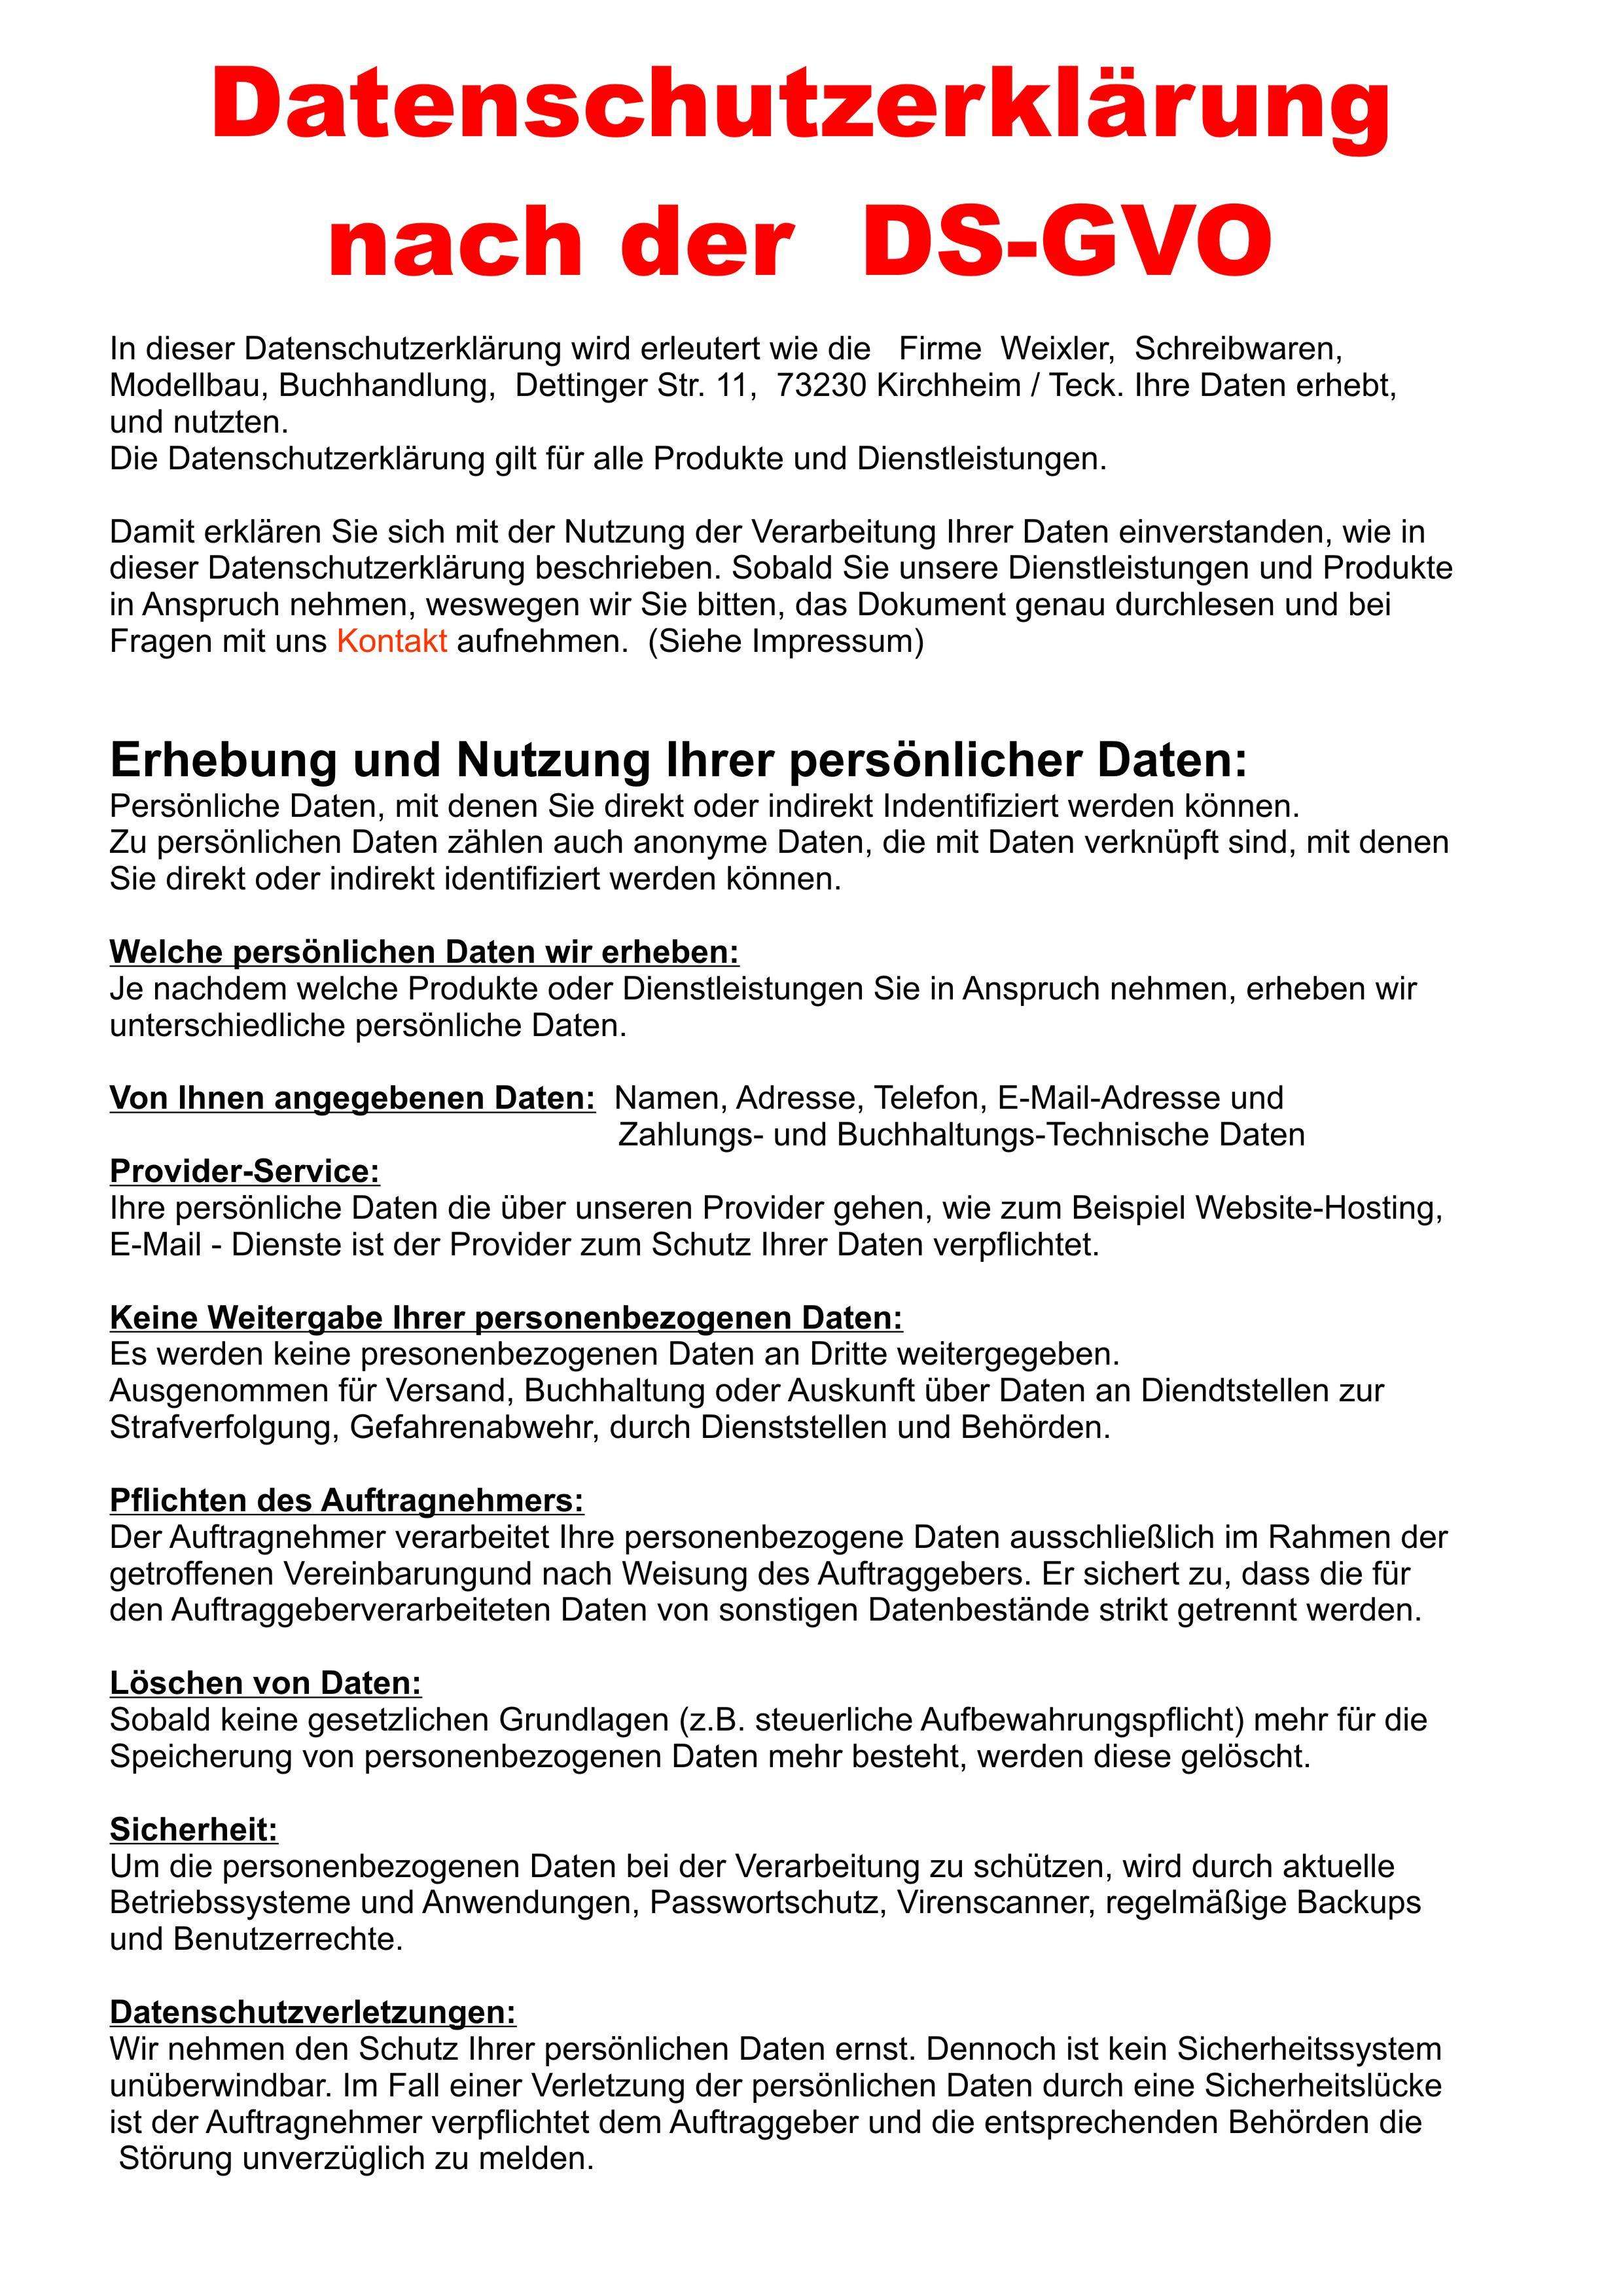 Erfreut Siehe Rahmen Bilder - Bilderrahmen Ideen - szurop.info